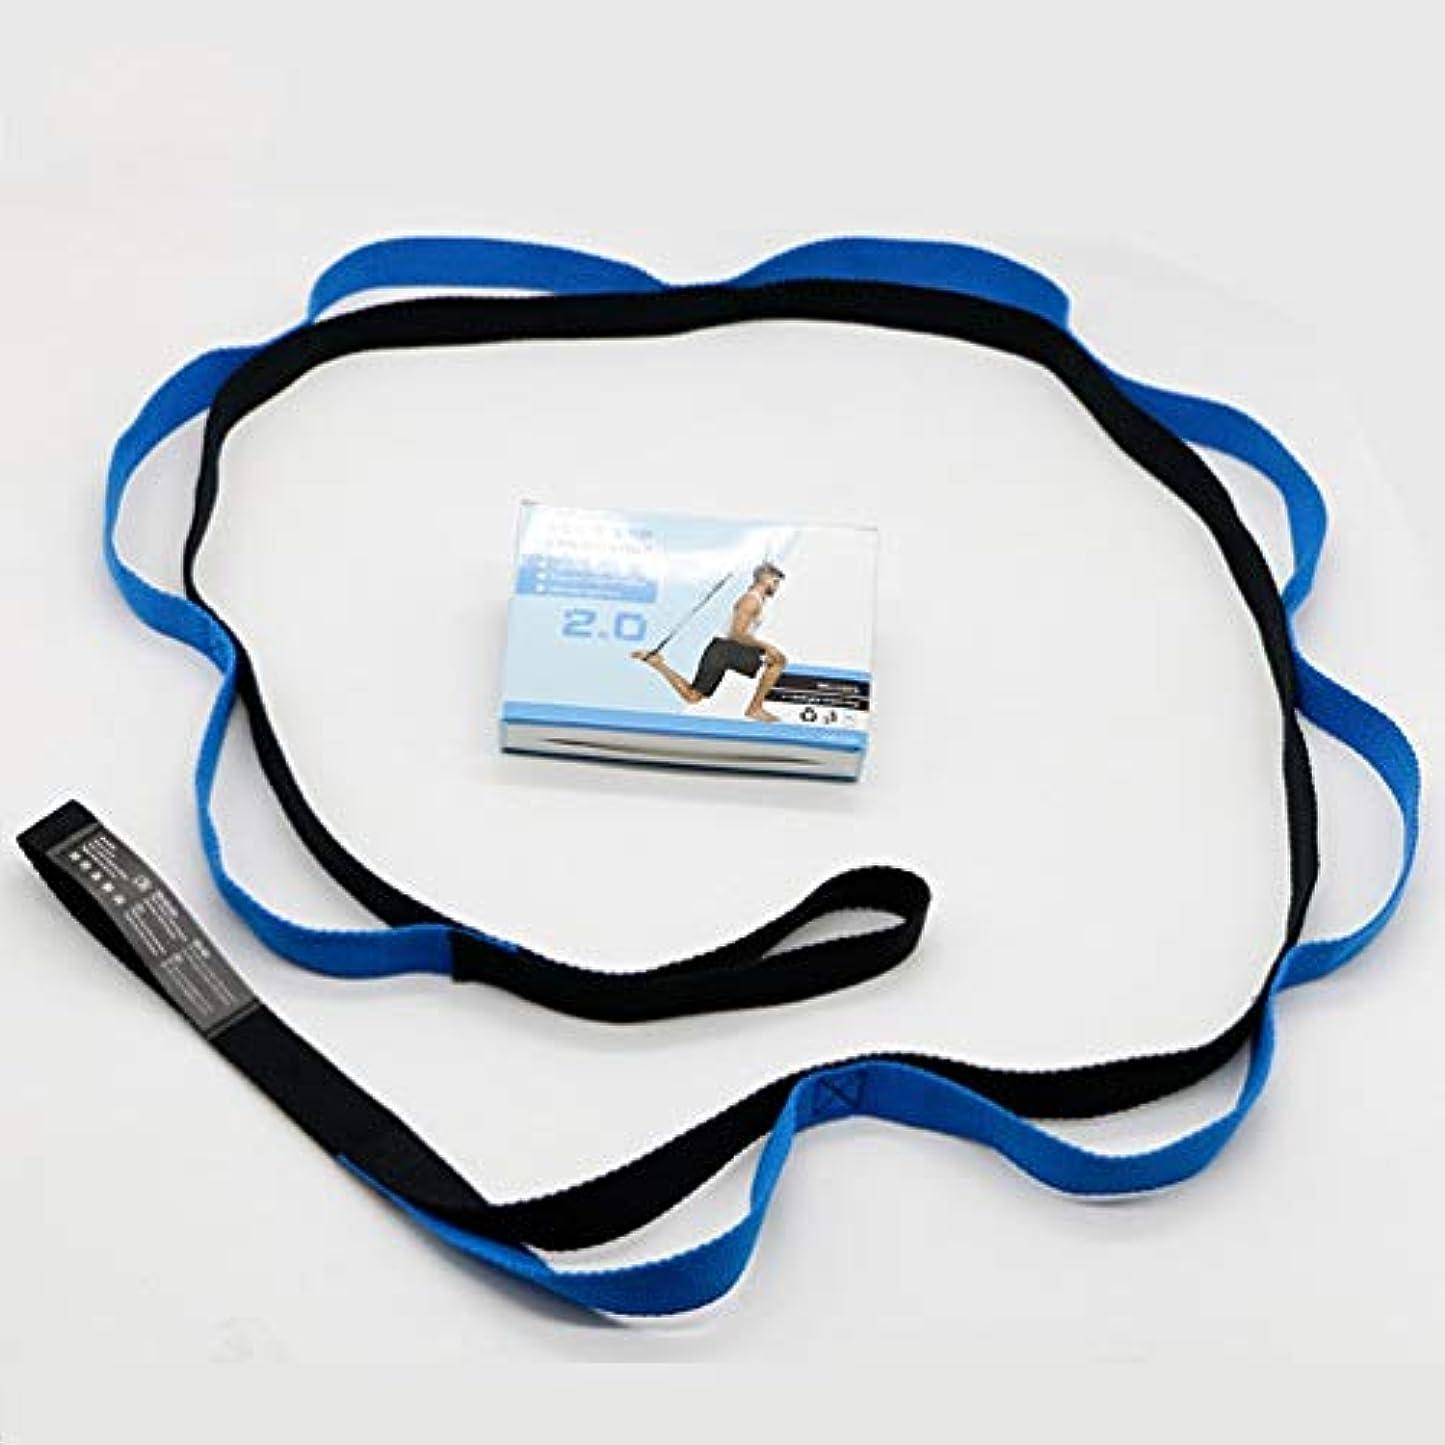 一時的袋提案するフィットネスエクササイズジムヨガストレッチアウトストラップ弾性ベルトウエストレッグアームエクステンションストラップベルトスポーツユニセックストレーニングベルトバンド - ブルー&ブラック